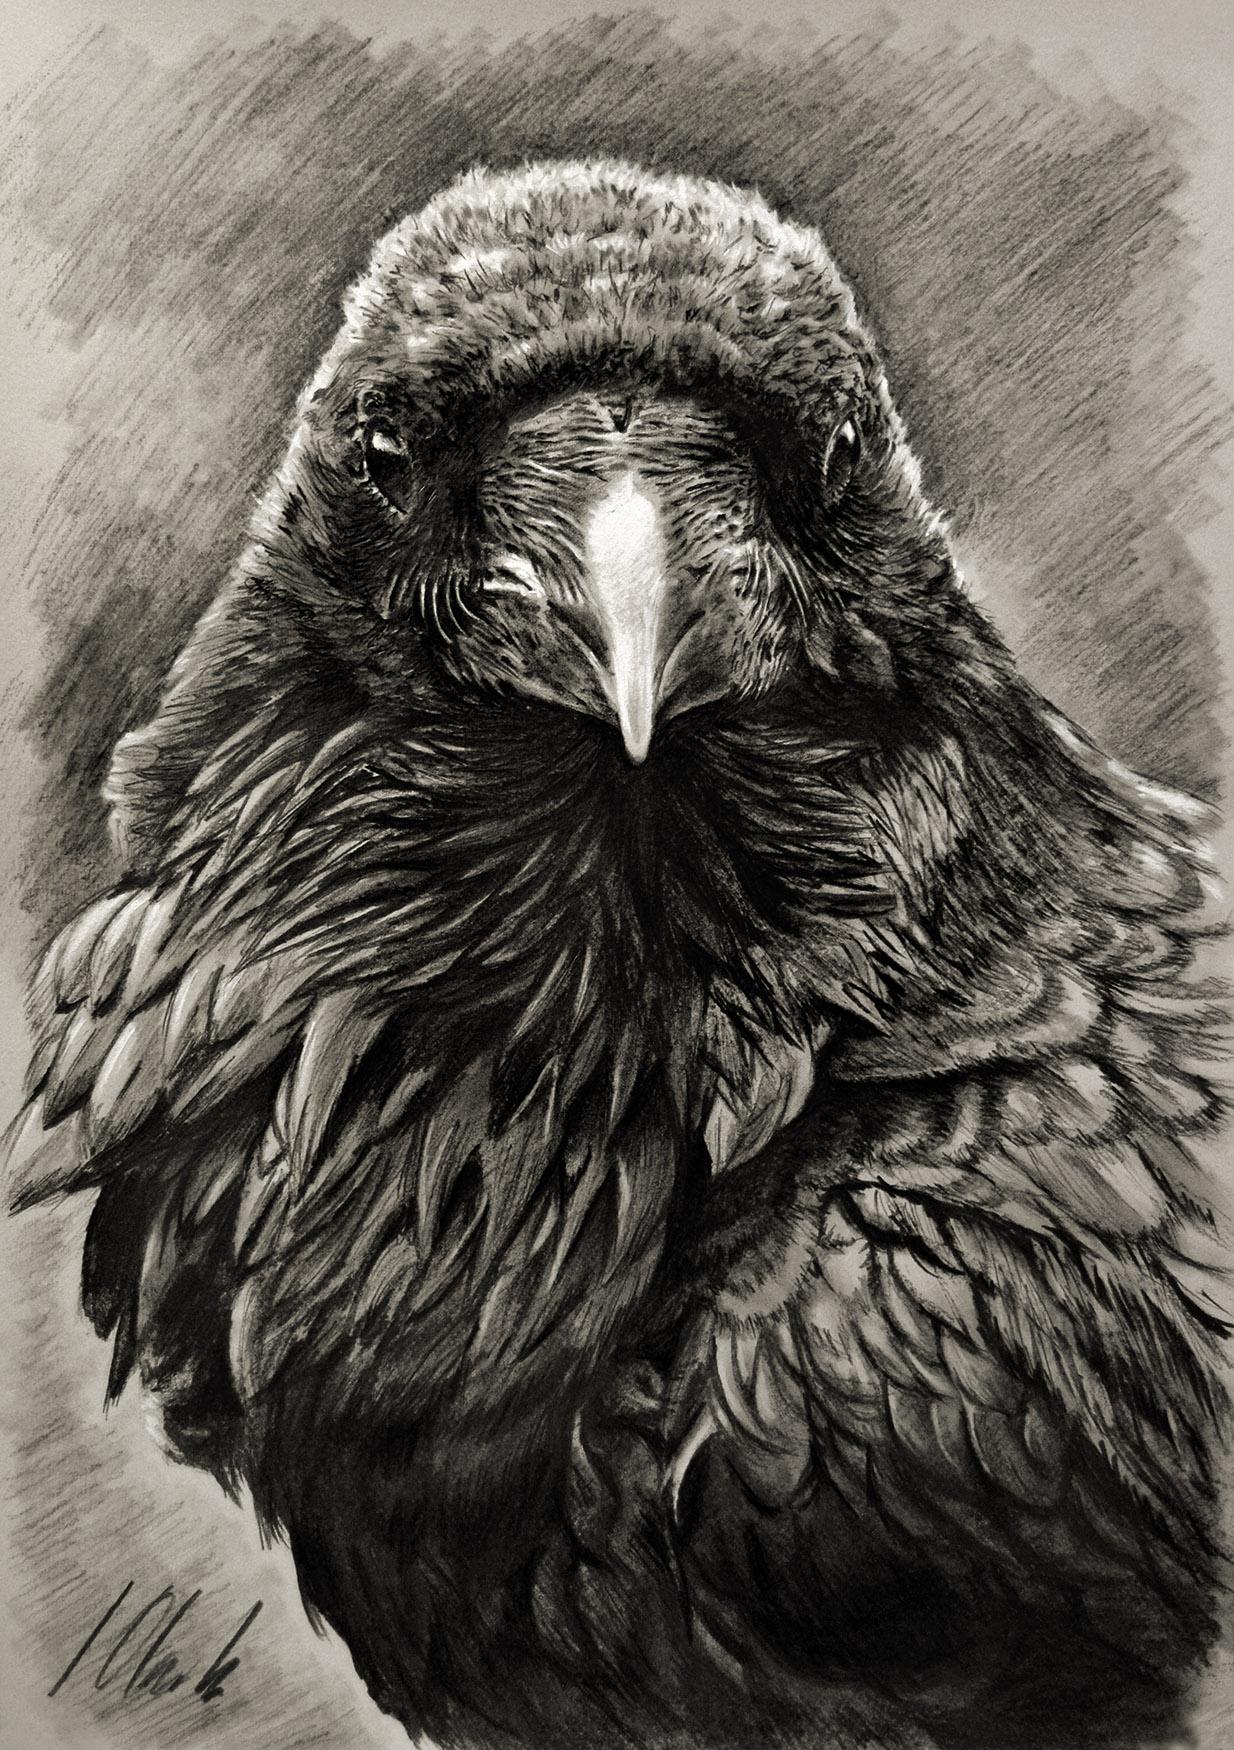 Cuervo. Dibujo en grafito, 35 x 50 cm. Javier Olmedo - 2017 -  PV 95 €